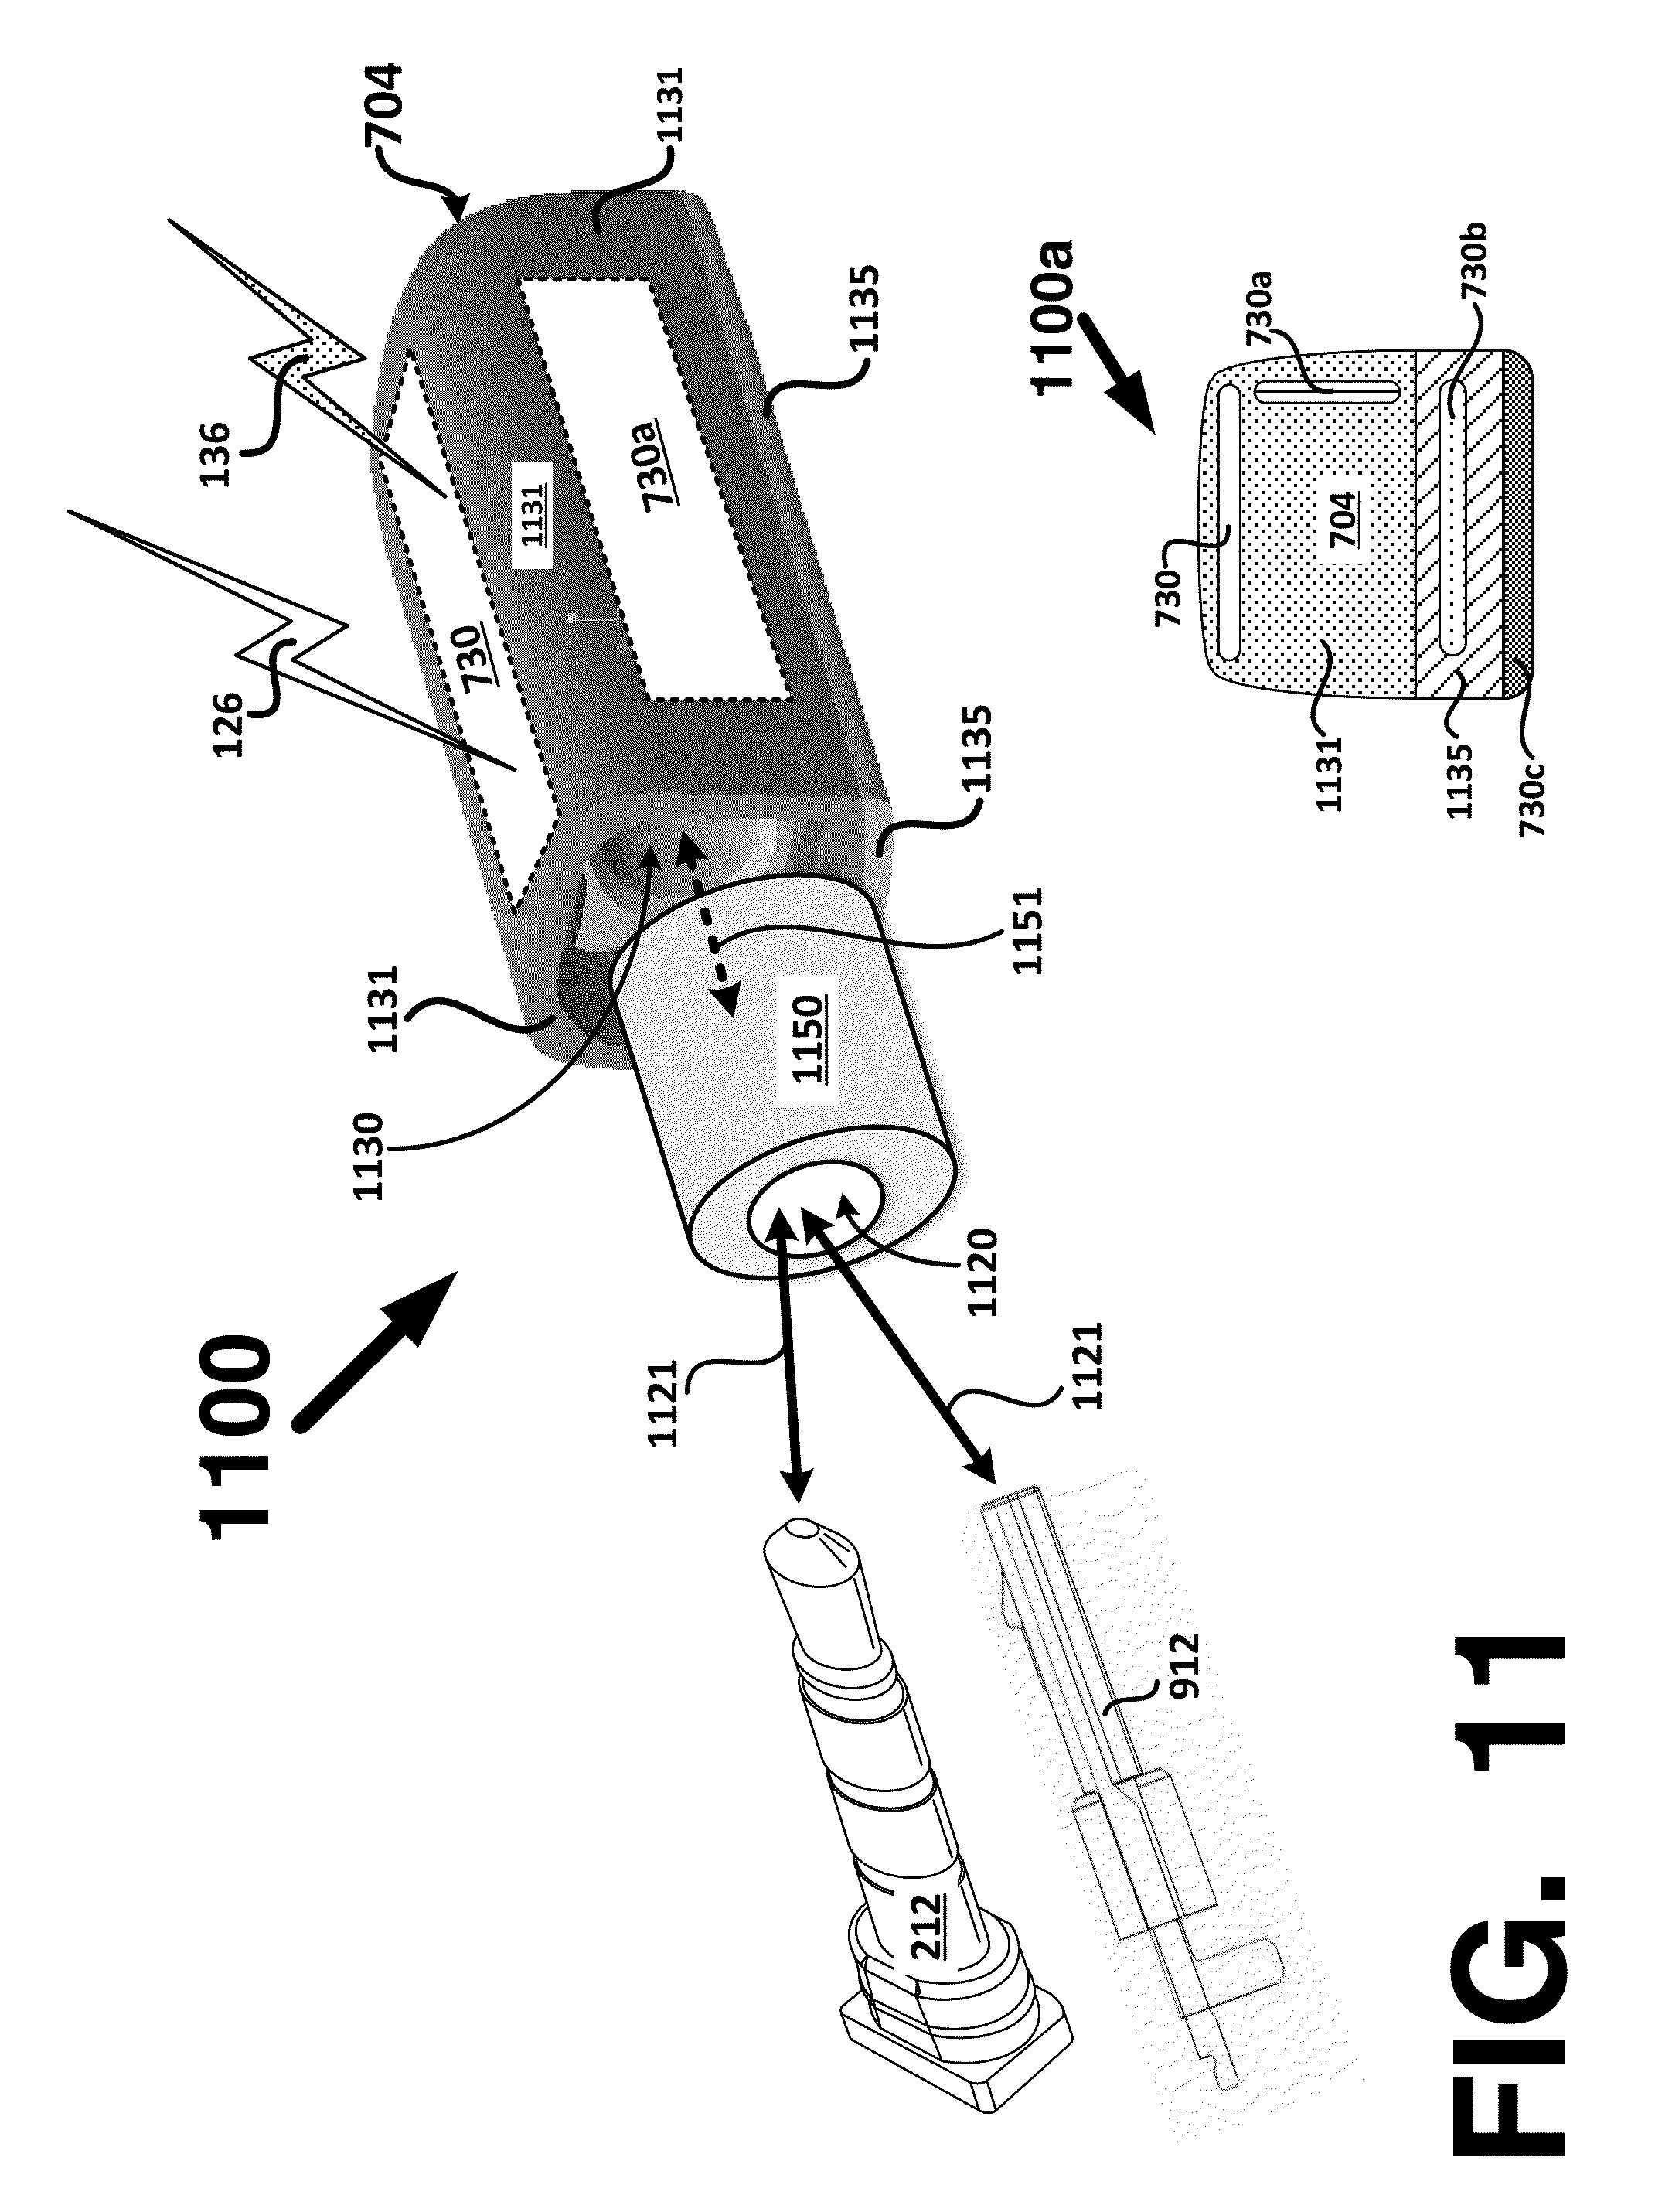 Patent Us 9258670 B2 Circuit Diagram Nokia 1100 0 Petitions